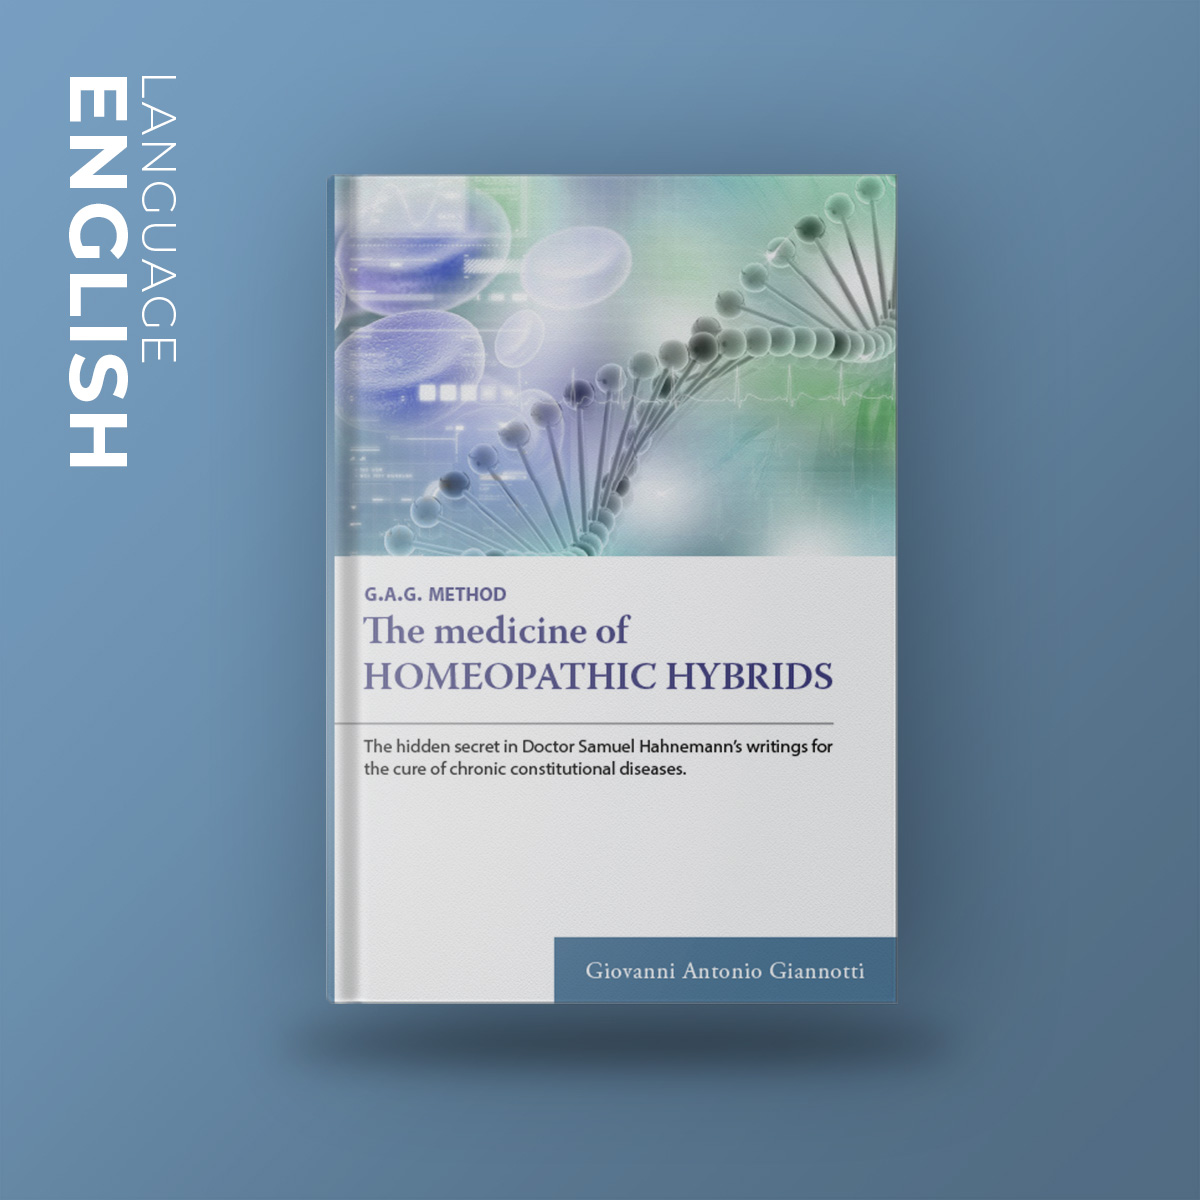 Libro_Cover_buy_La_medicina_degli_IBRIDI_OMEOPATICI_ENG